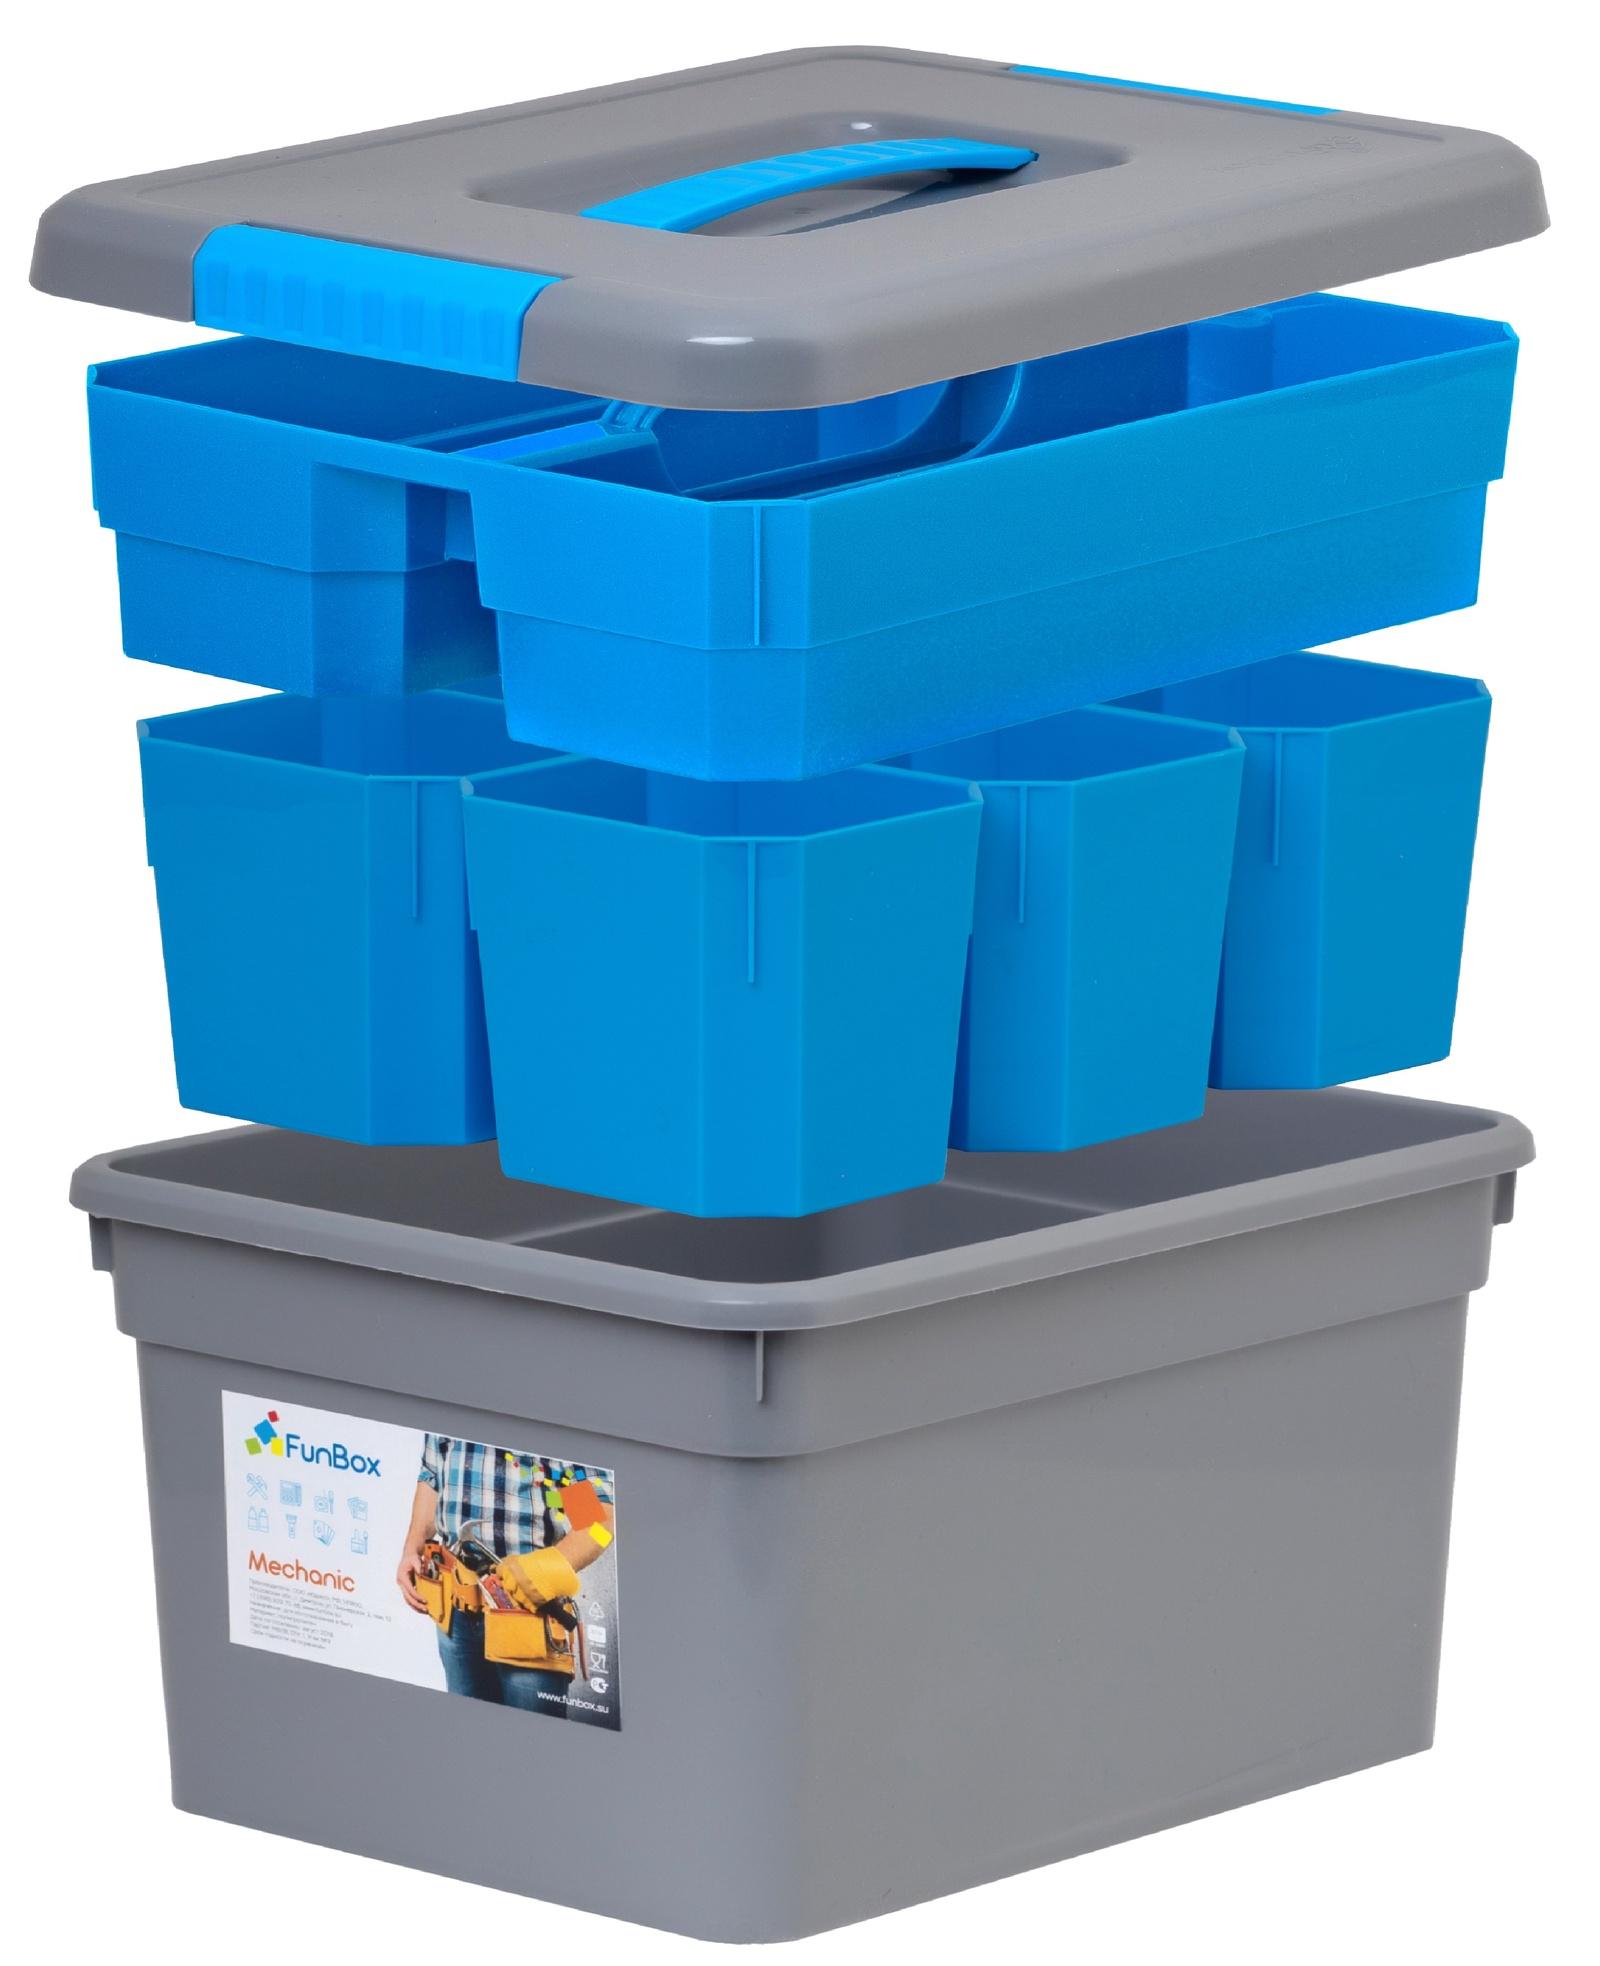 Ящик для инструментов FunBox Органайзер 5 литров, серый